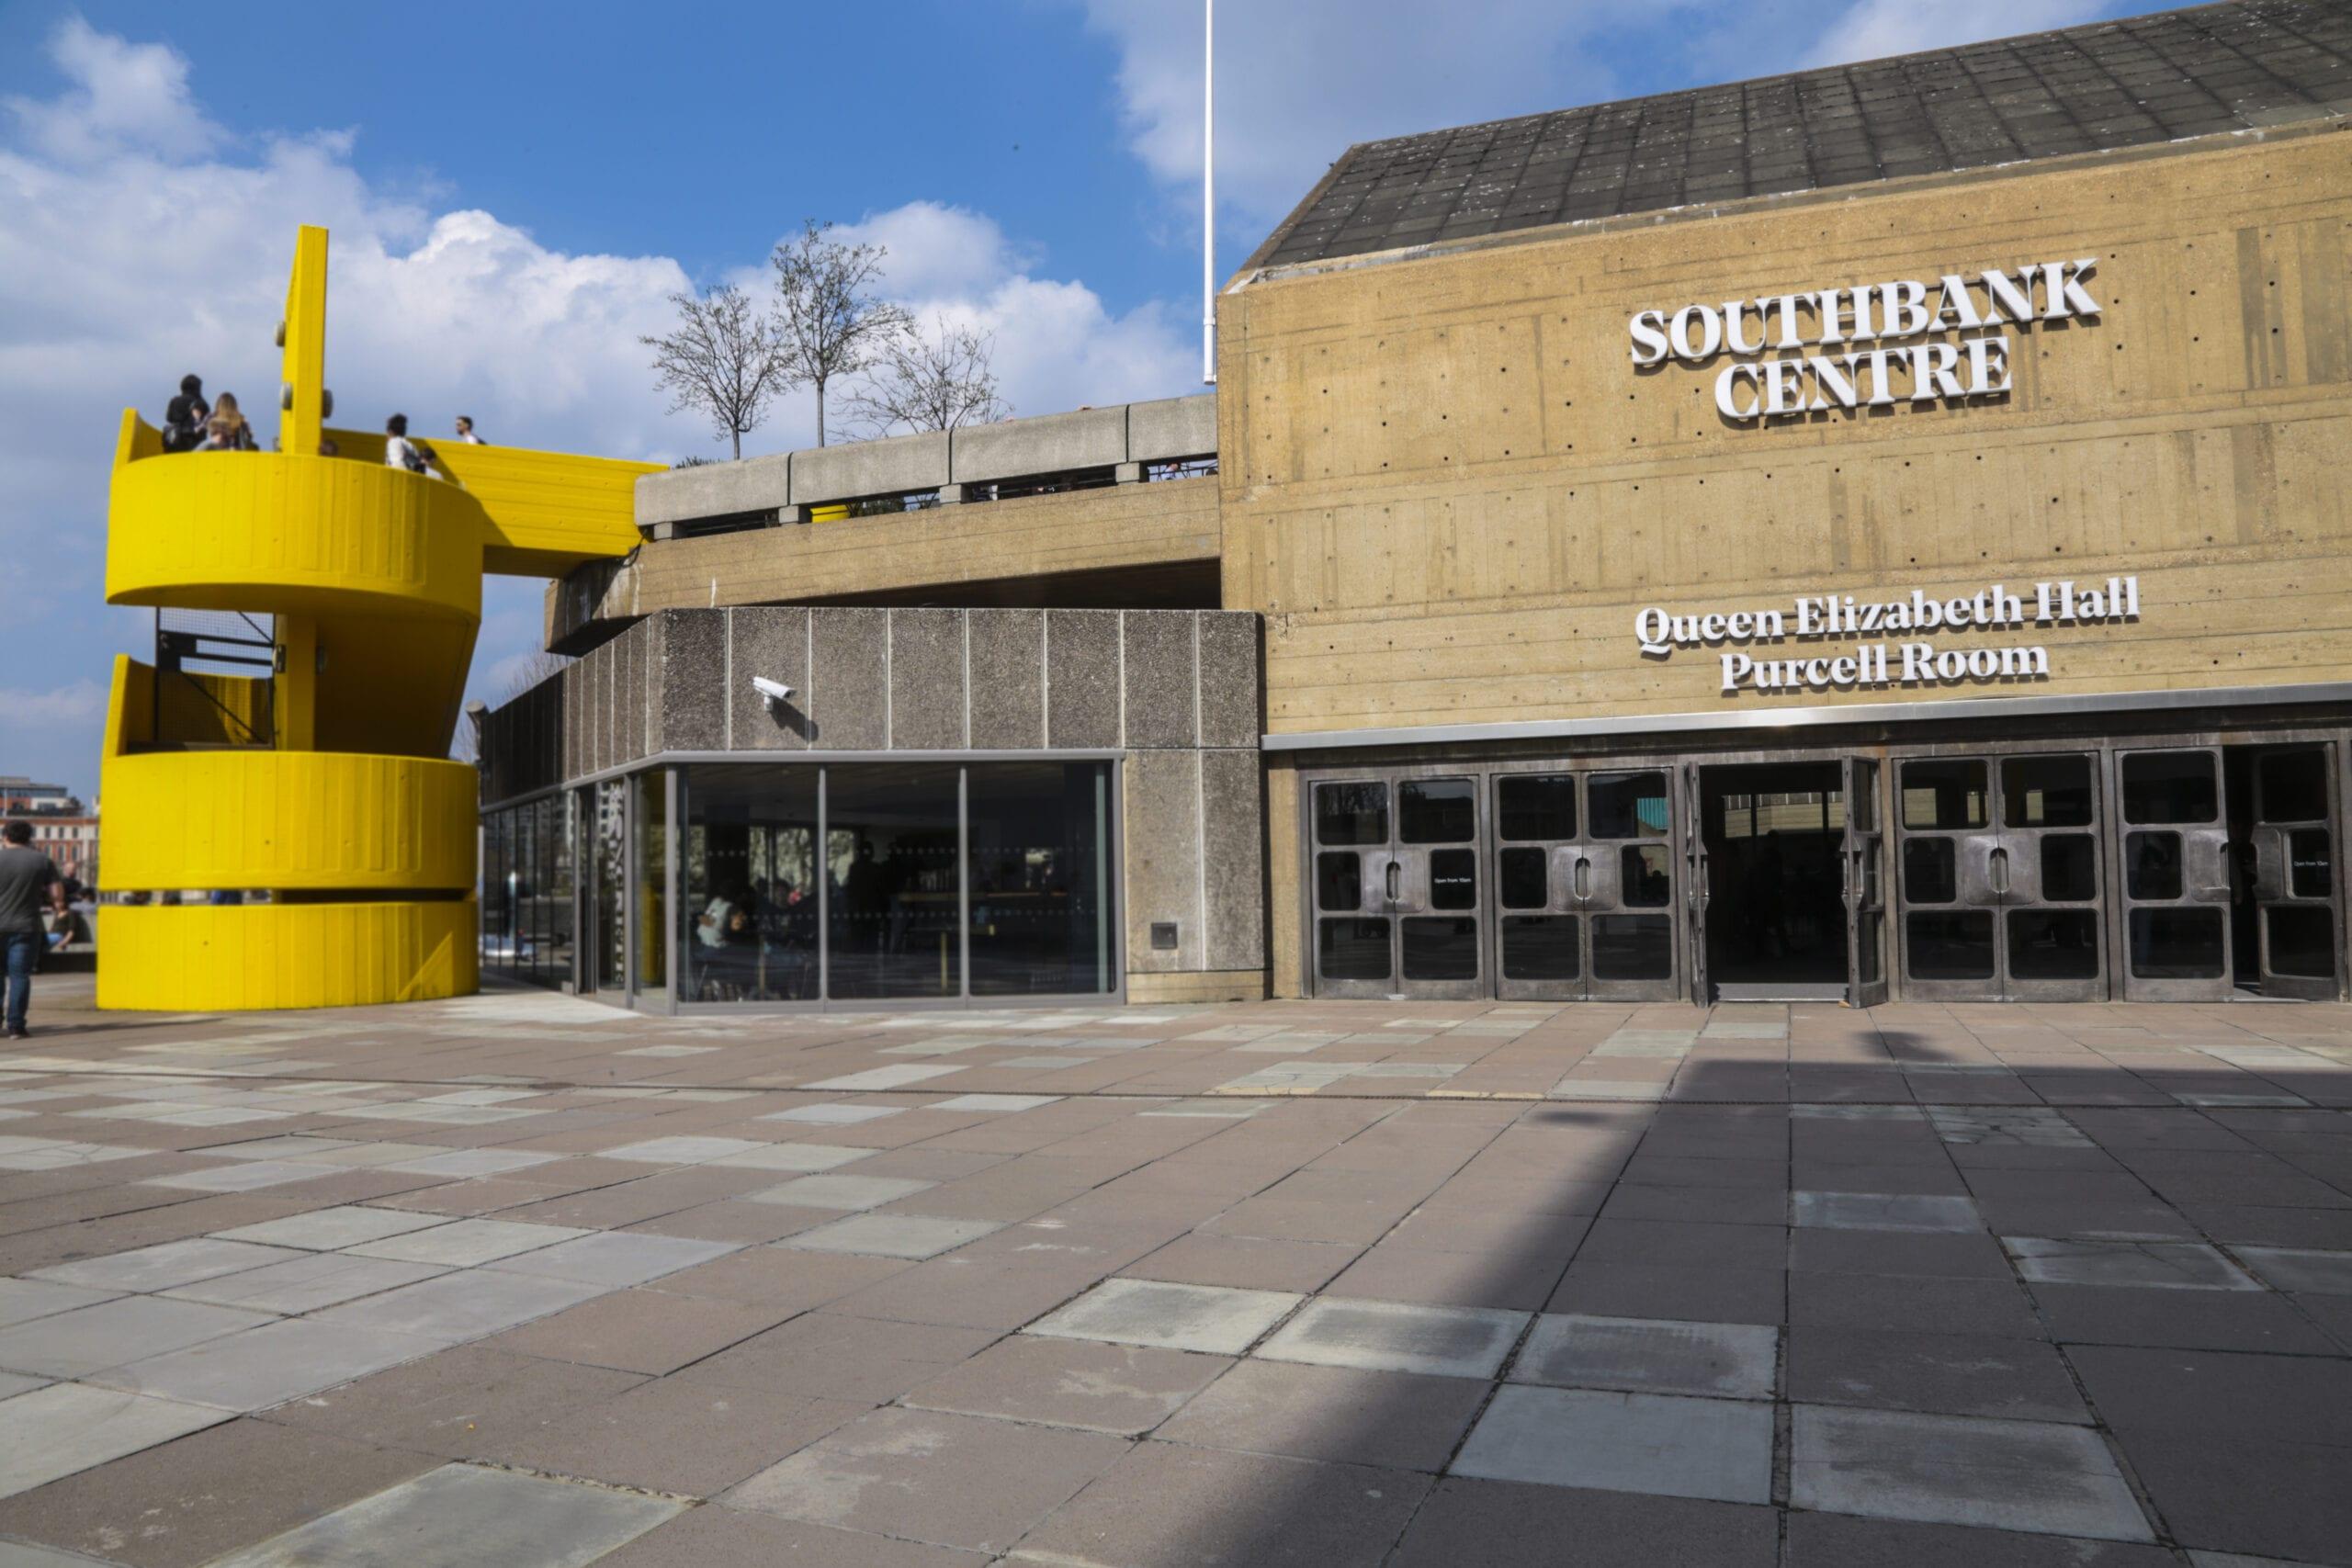 Shell отказался спонсировать крупнейший центр искусств в Европе